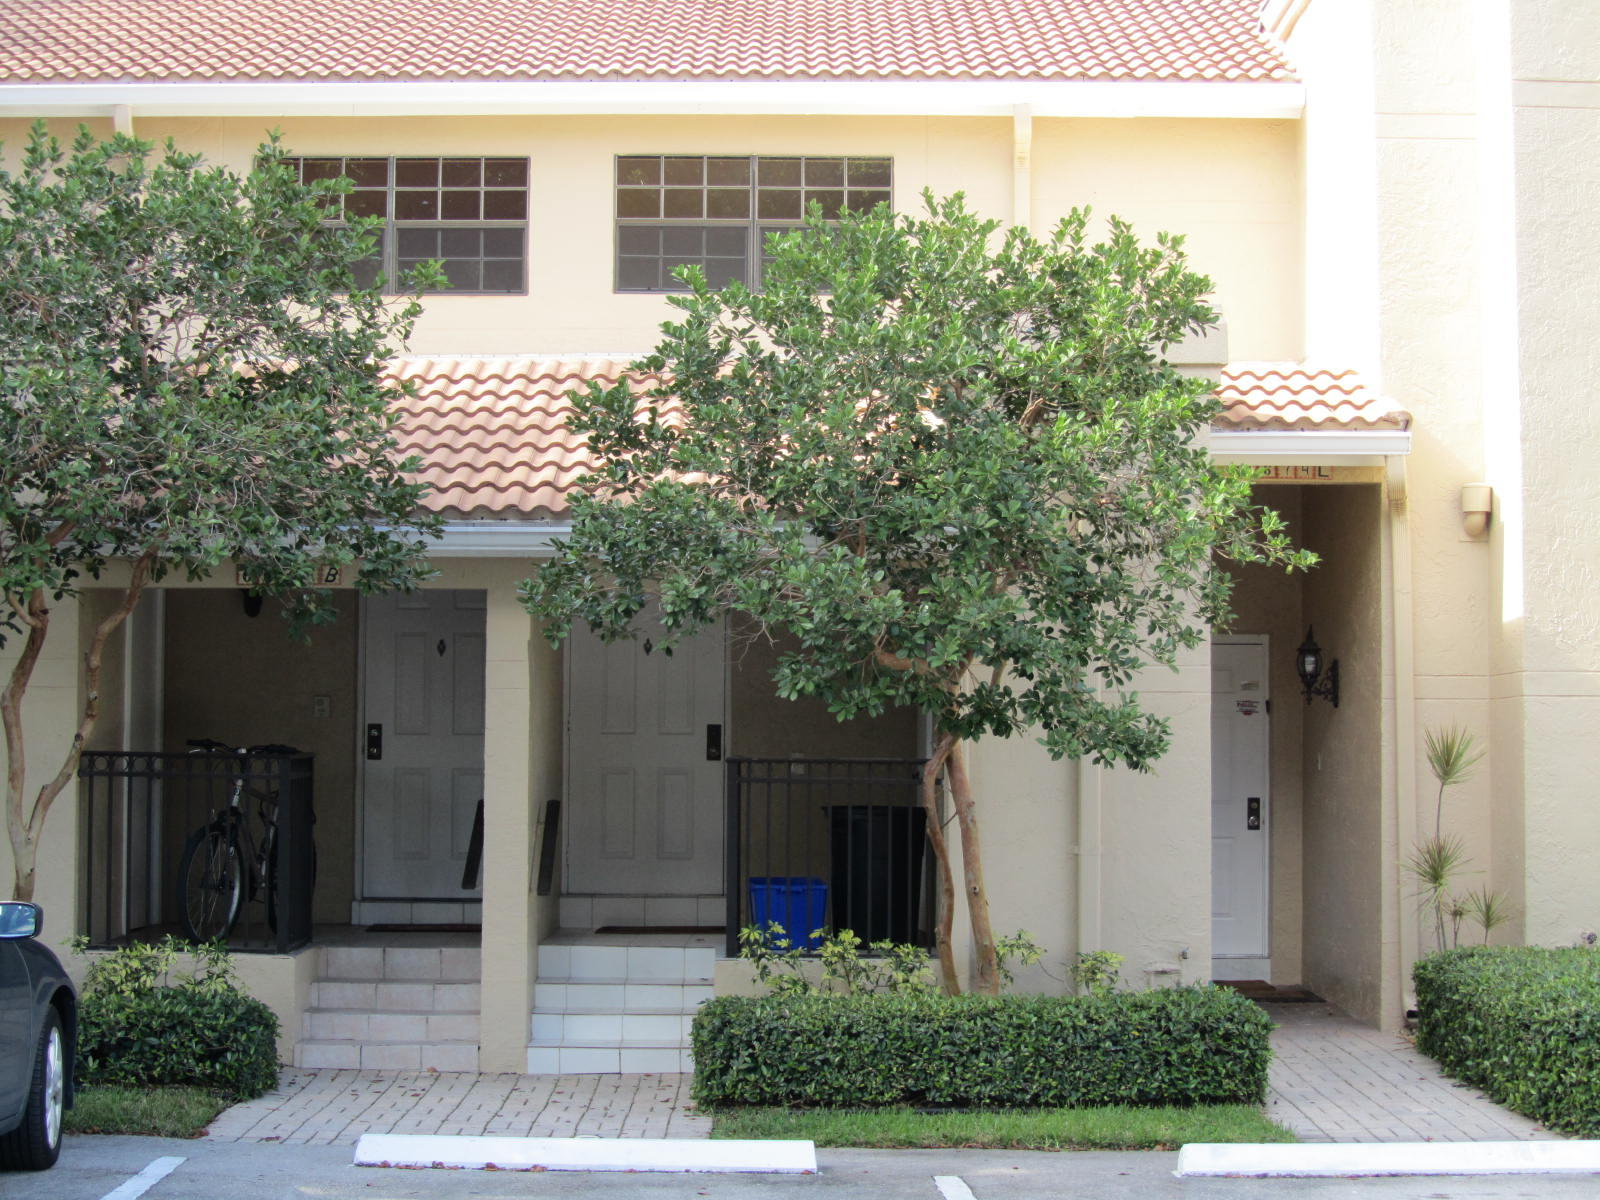 Boca Pointe, 6674 Montego Bay Unit D, Boca Raton, Florida 33433